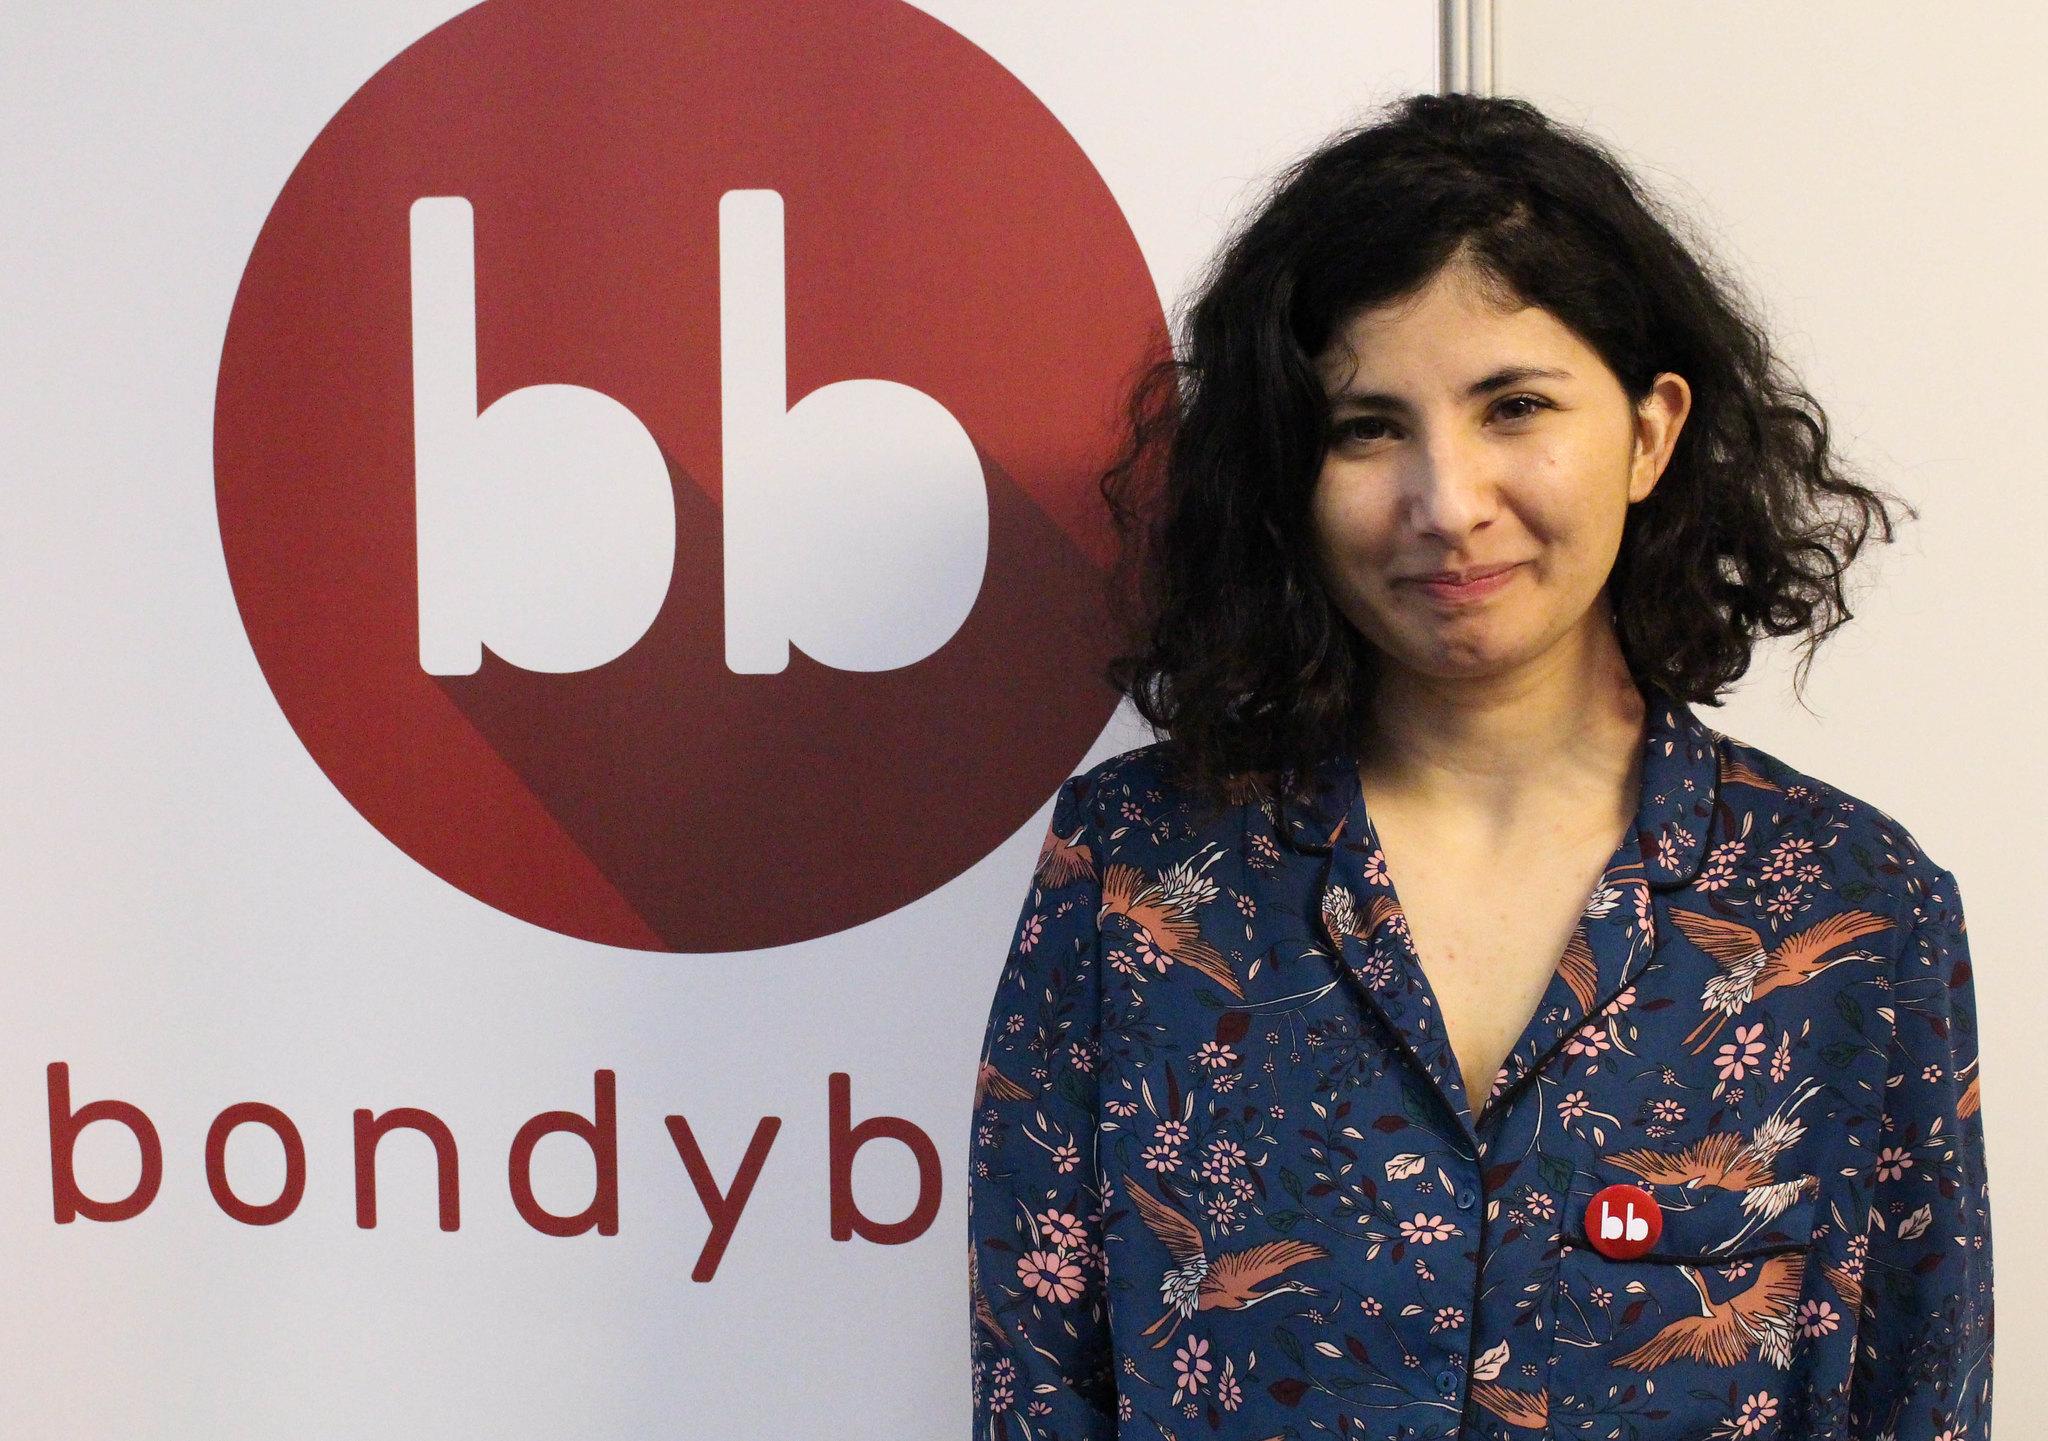 Leïla Khouiel défend un traitement médiatique non caricatural des quartiers populaires. Photo : Clara Gaillot